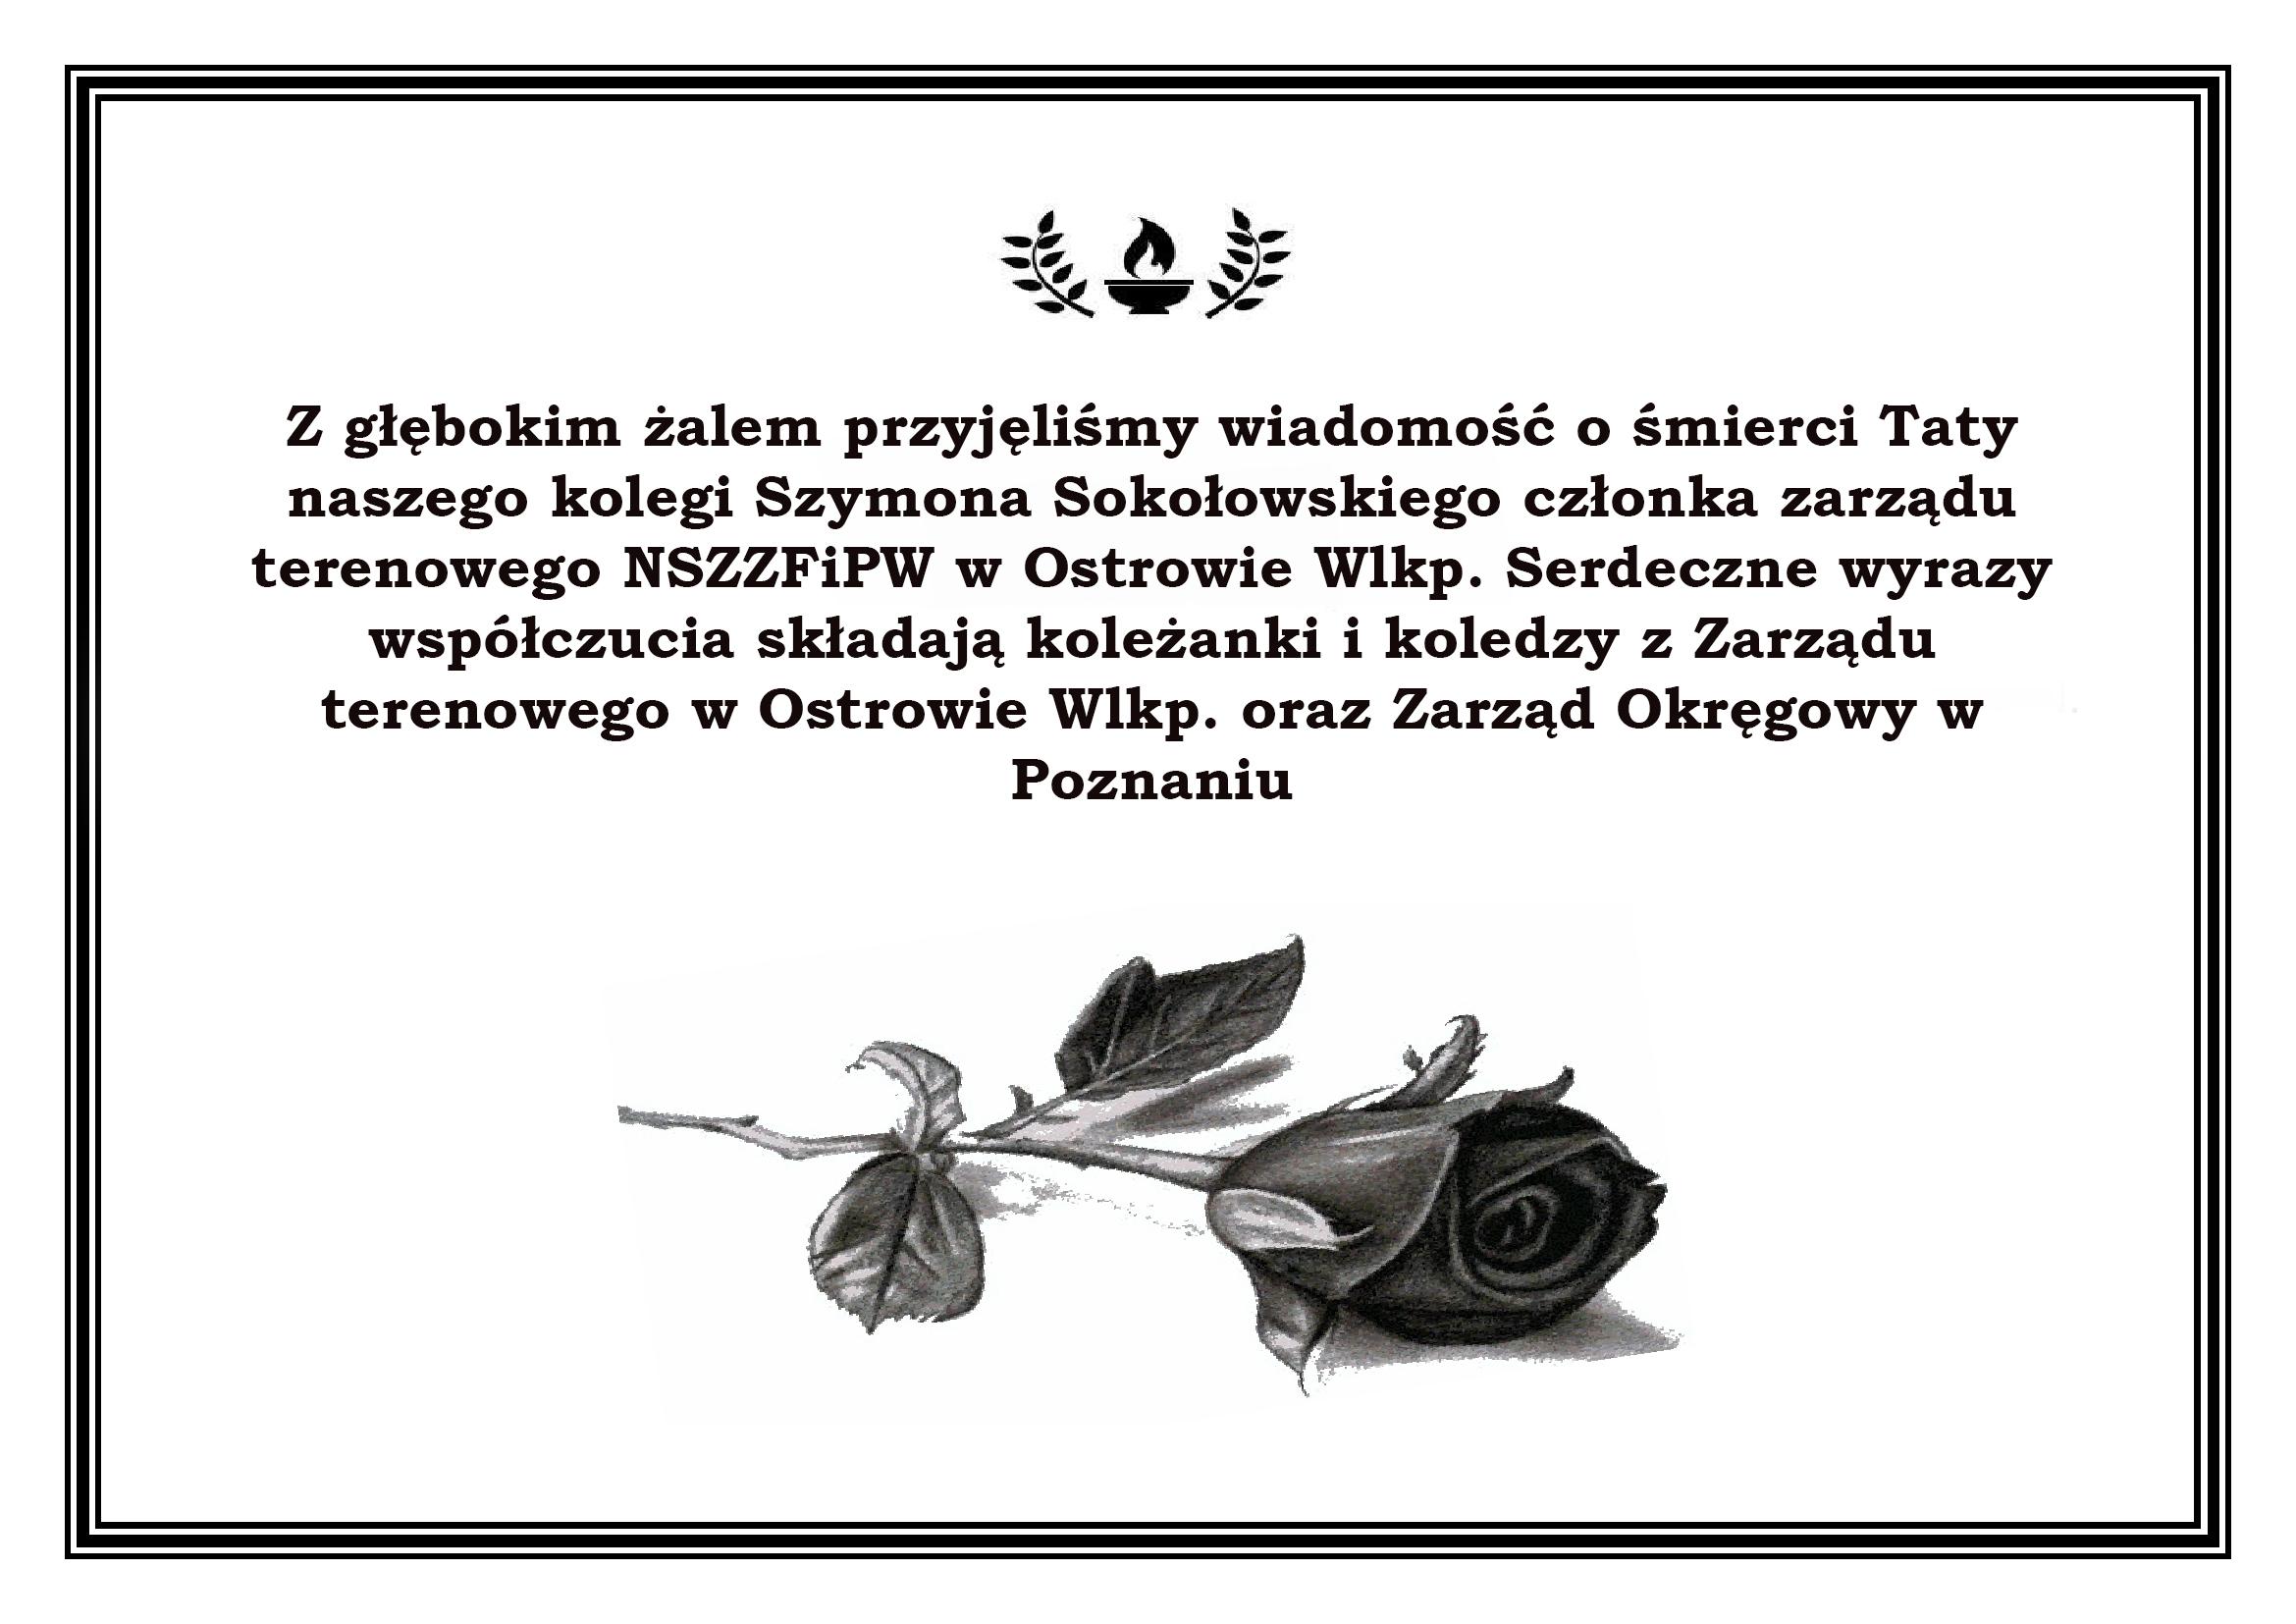 Wyrazy głębokiego współczucia i słowa wsparcia w tych trudnych chwilach dla kolegi Szymona Sokołowskiego.